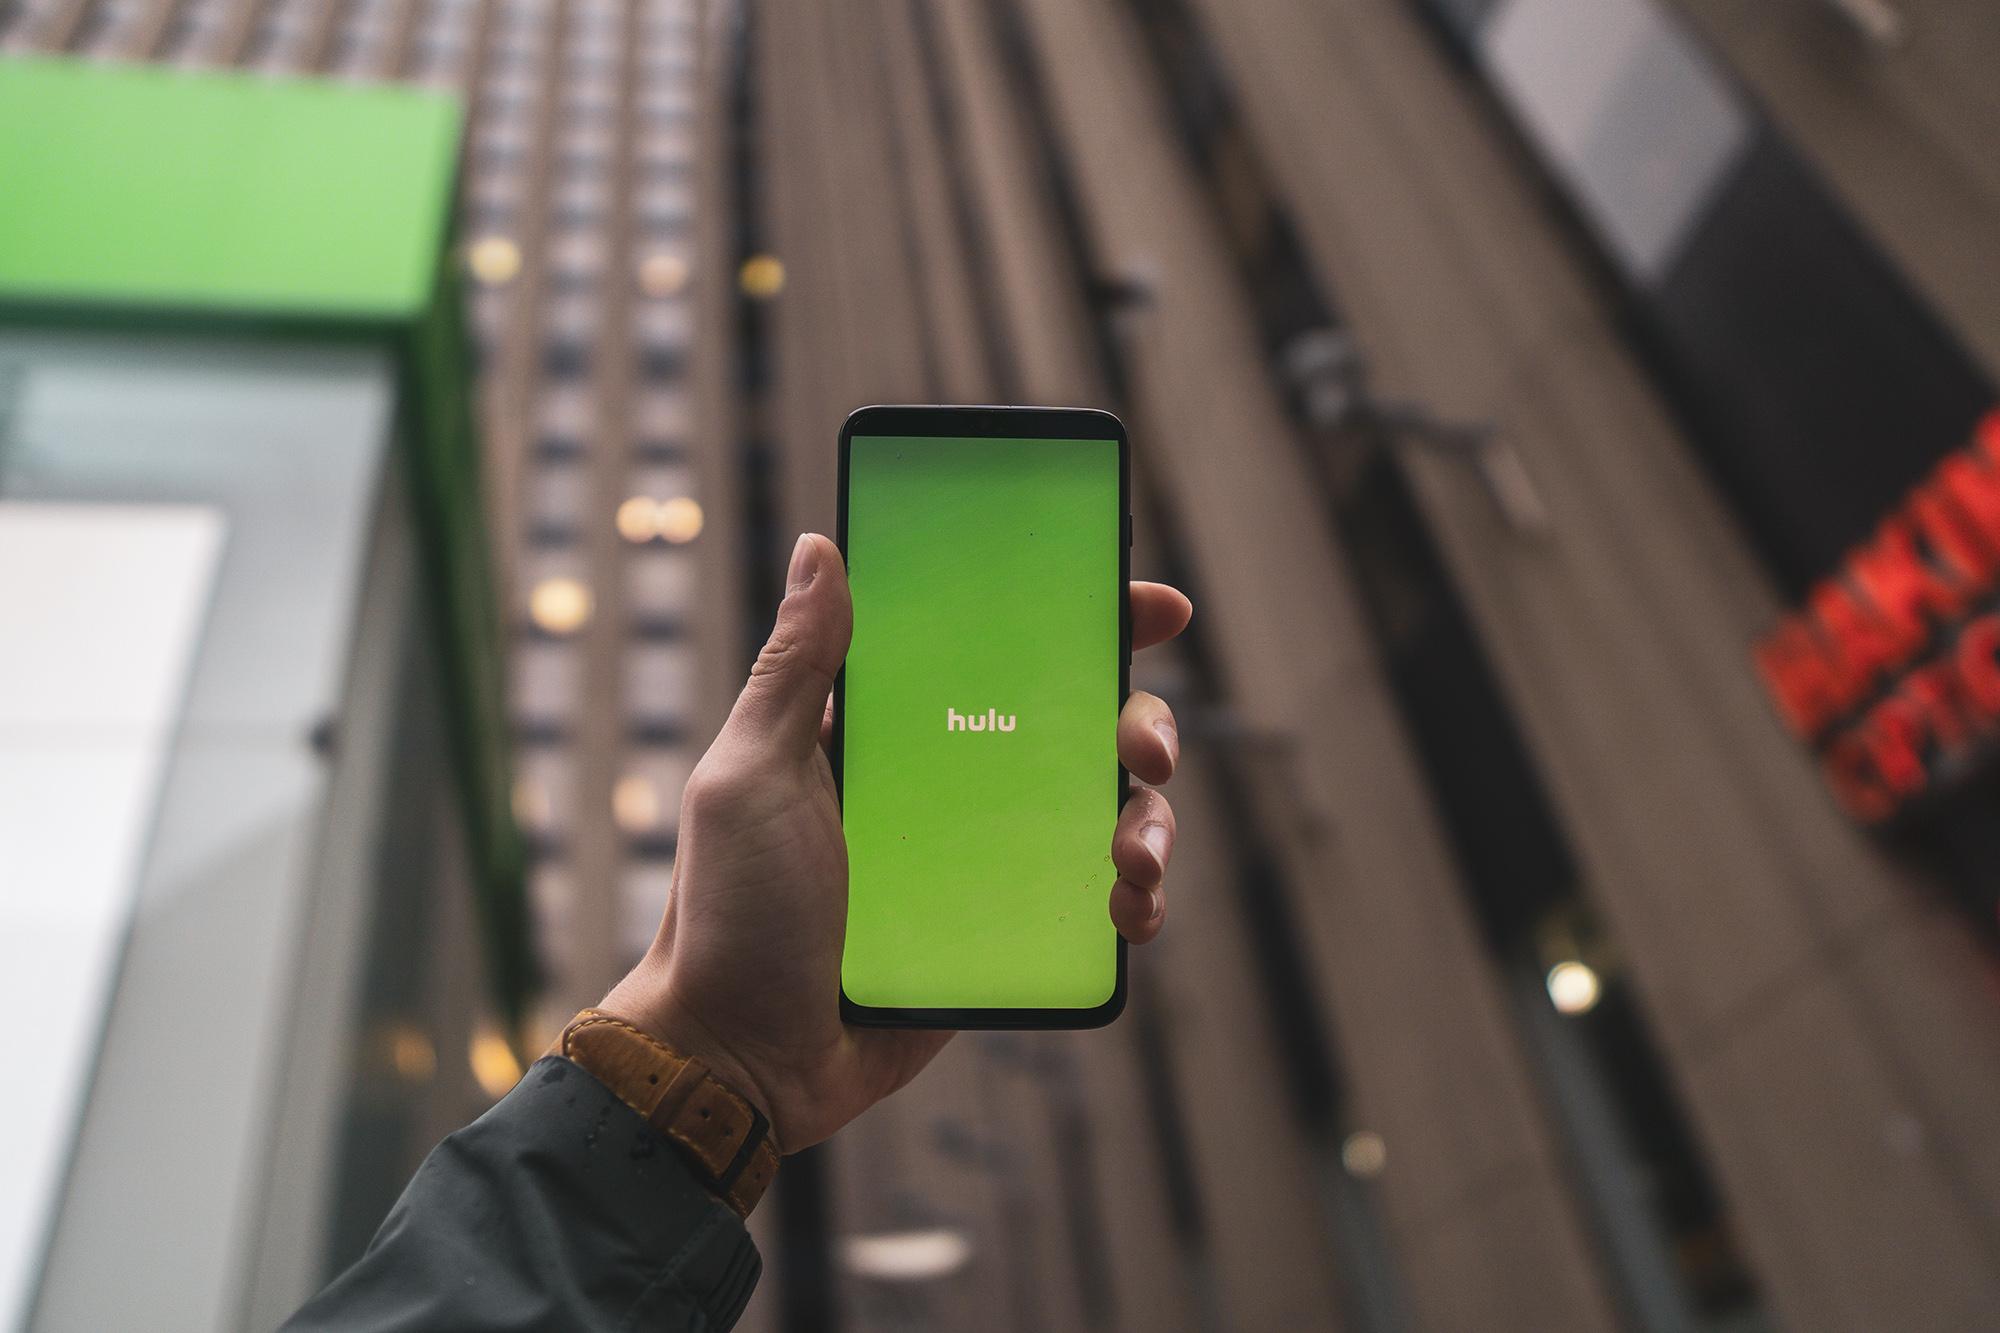 تحميل تطبيق hulu